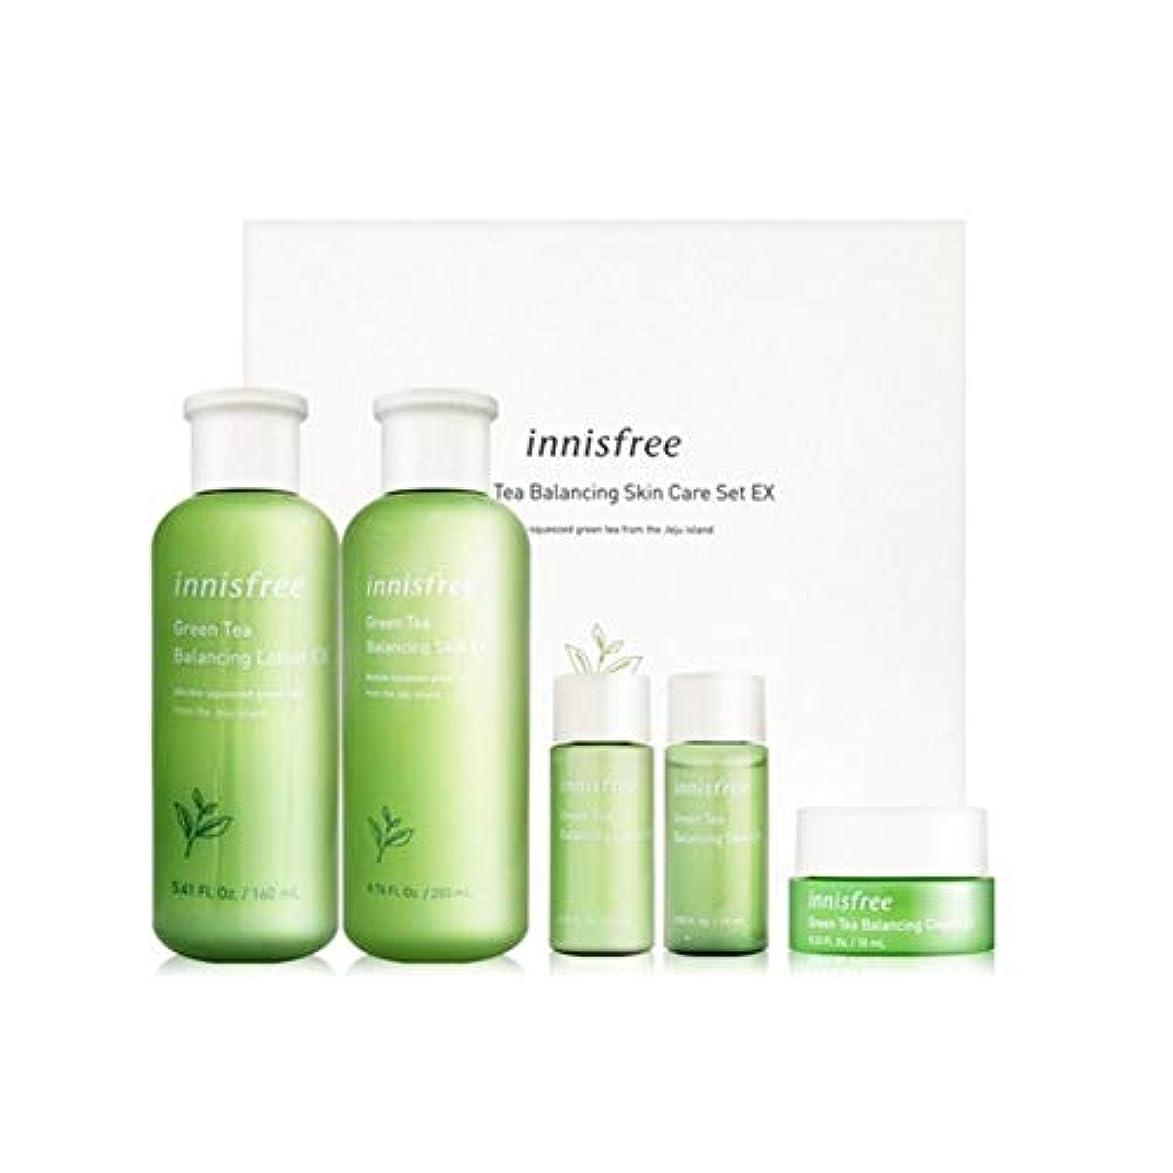 軍隊価値男らしいイニスフリーグリーンティーバランシングスキンケアセットの水分ケア韓国コスメ、innisfree Green Tea Balancing Skin Care Set Korean Cosmetics [並行輸入品]